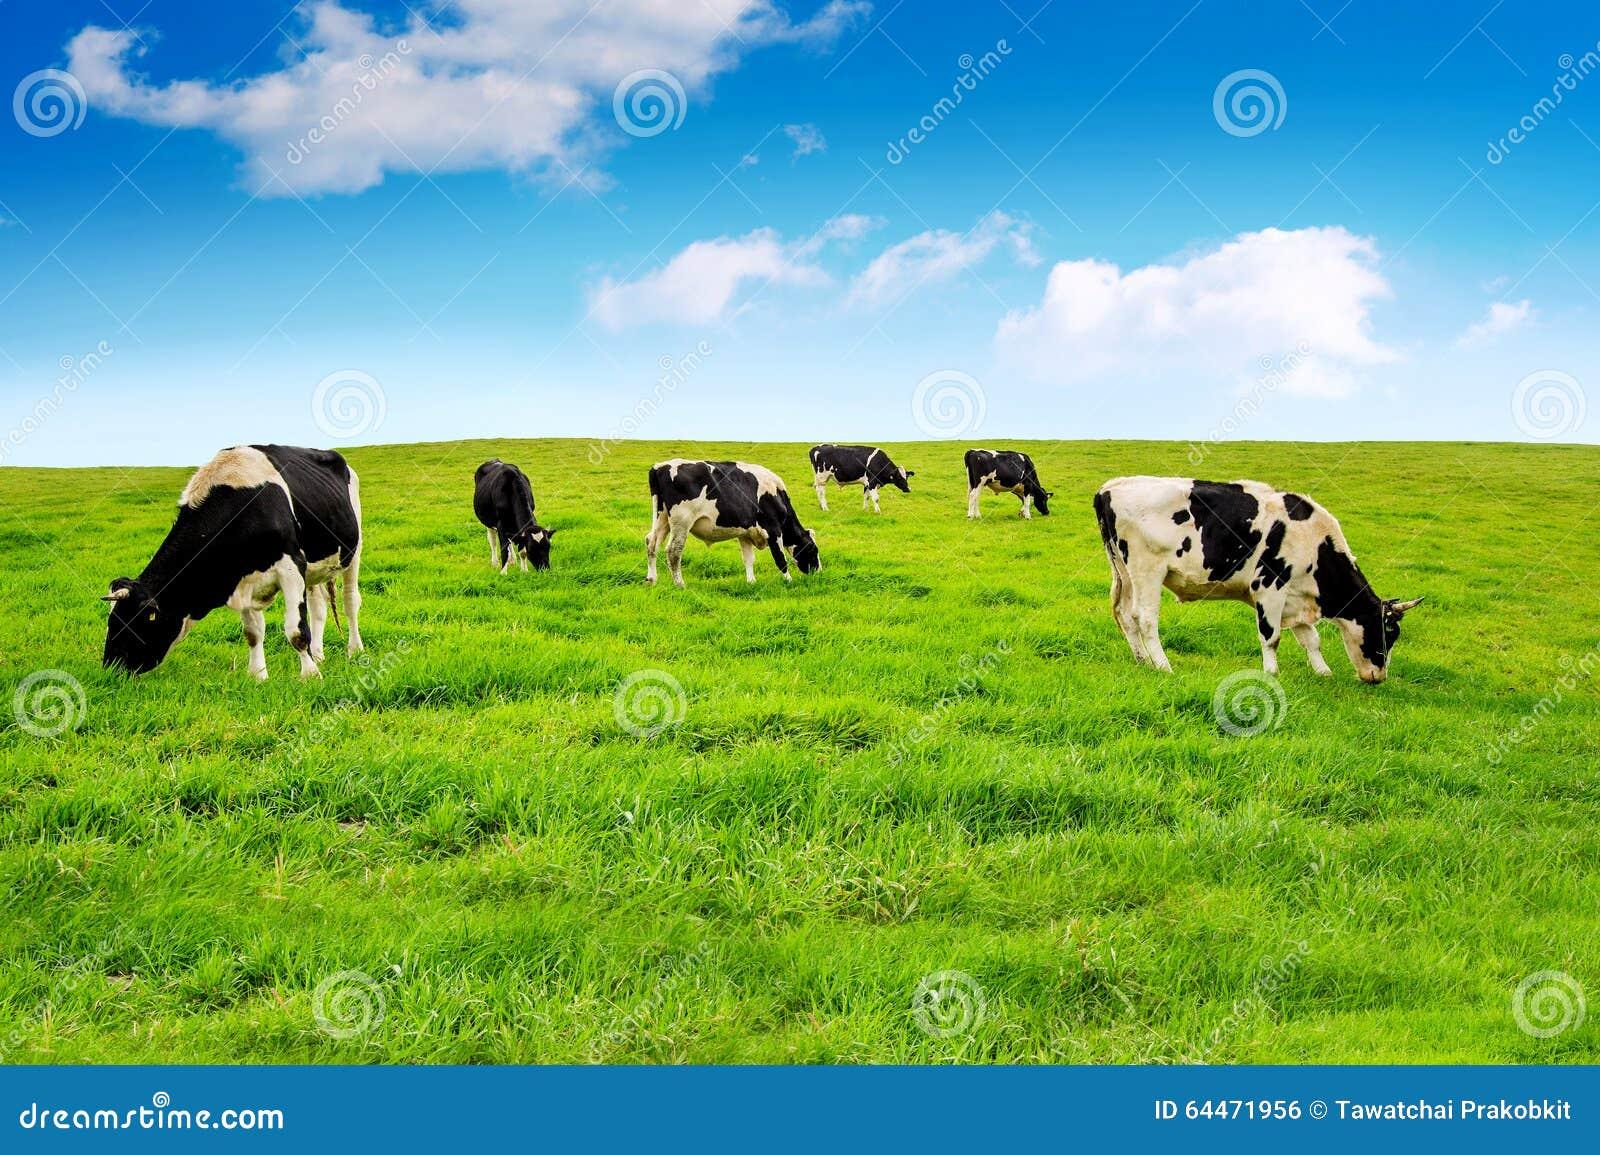 Kor field green